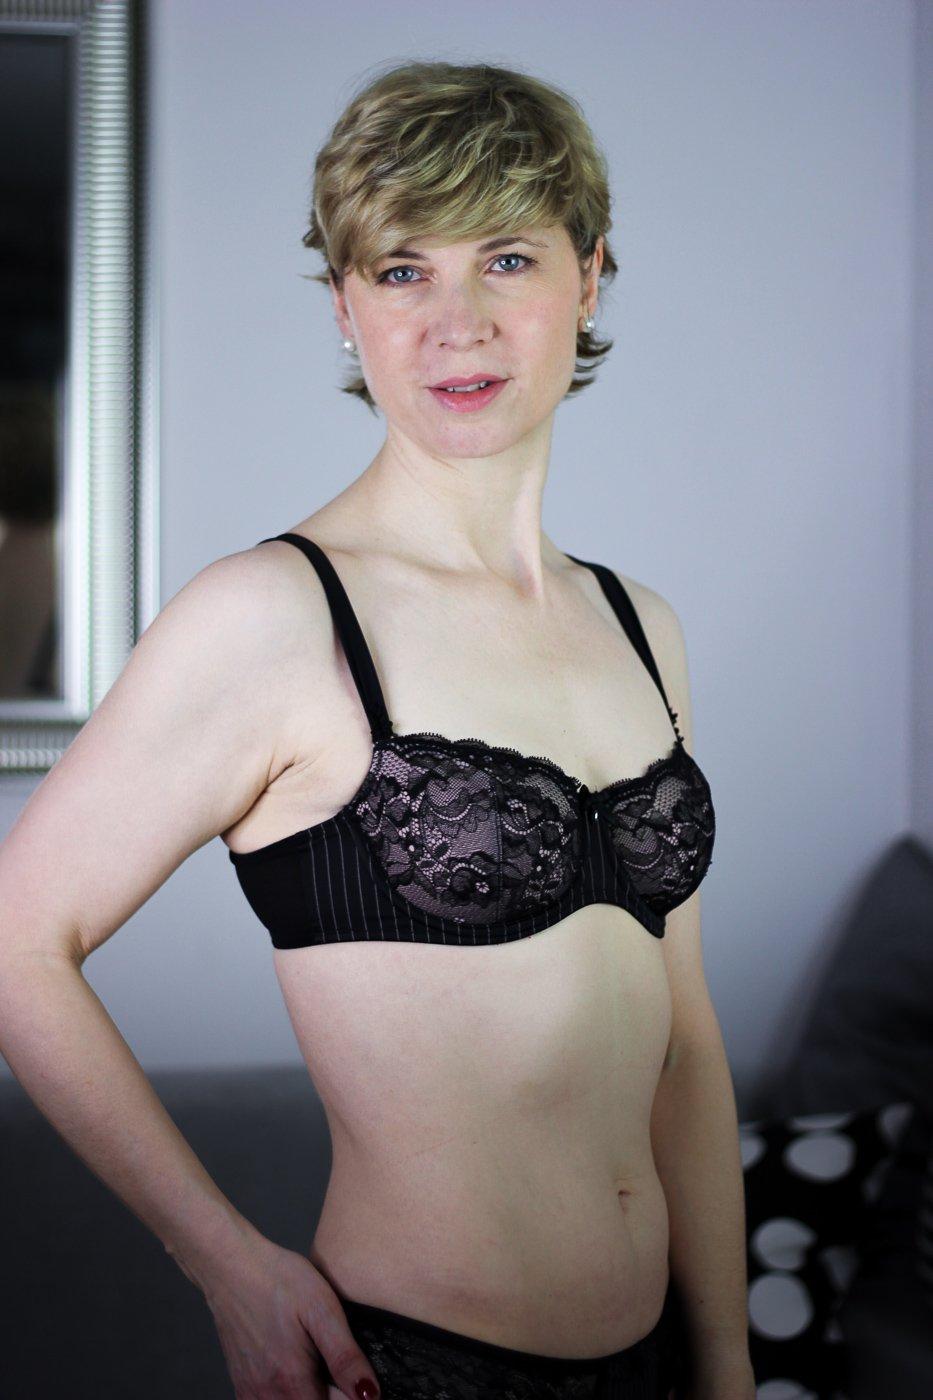 conny doll lifestyle: Wäsche von Anita und ROSA FAIA, Antonia Bügel-BH, Spitzenwäsche